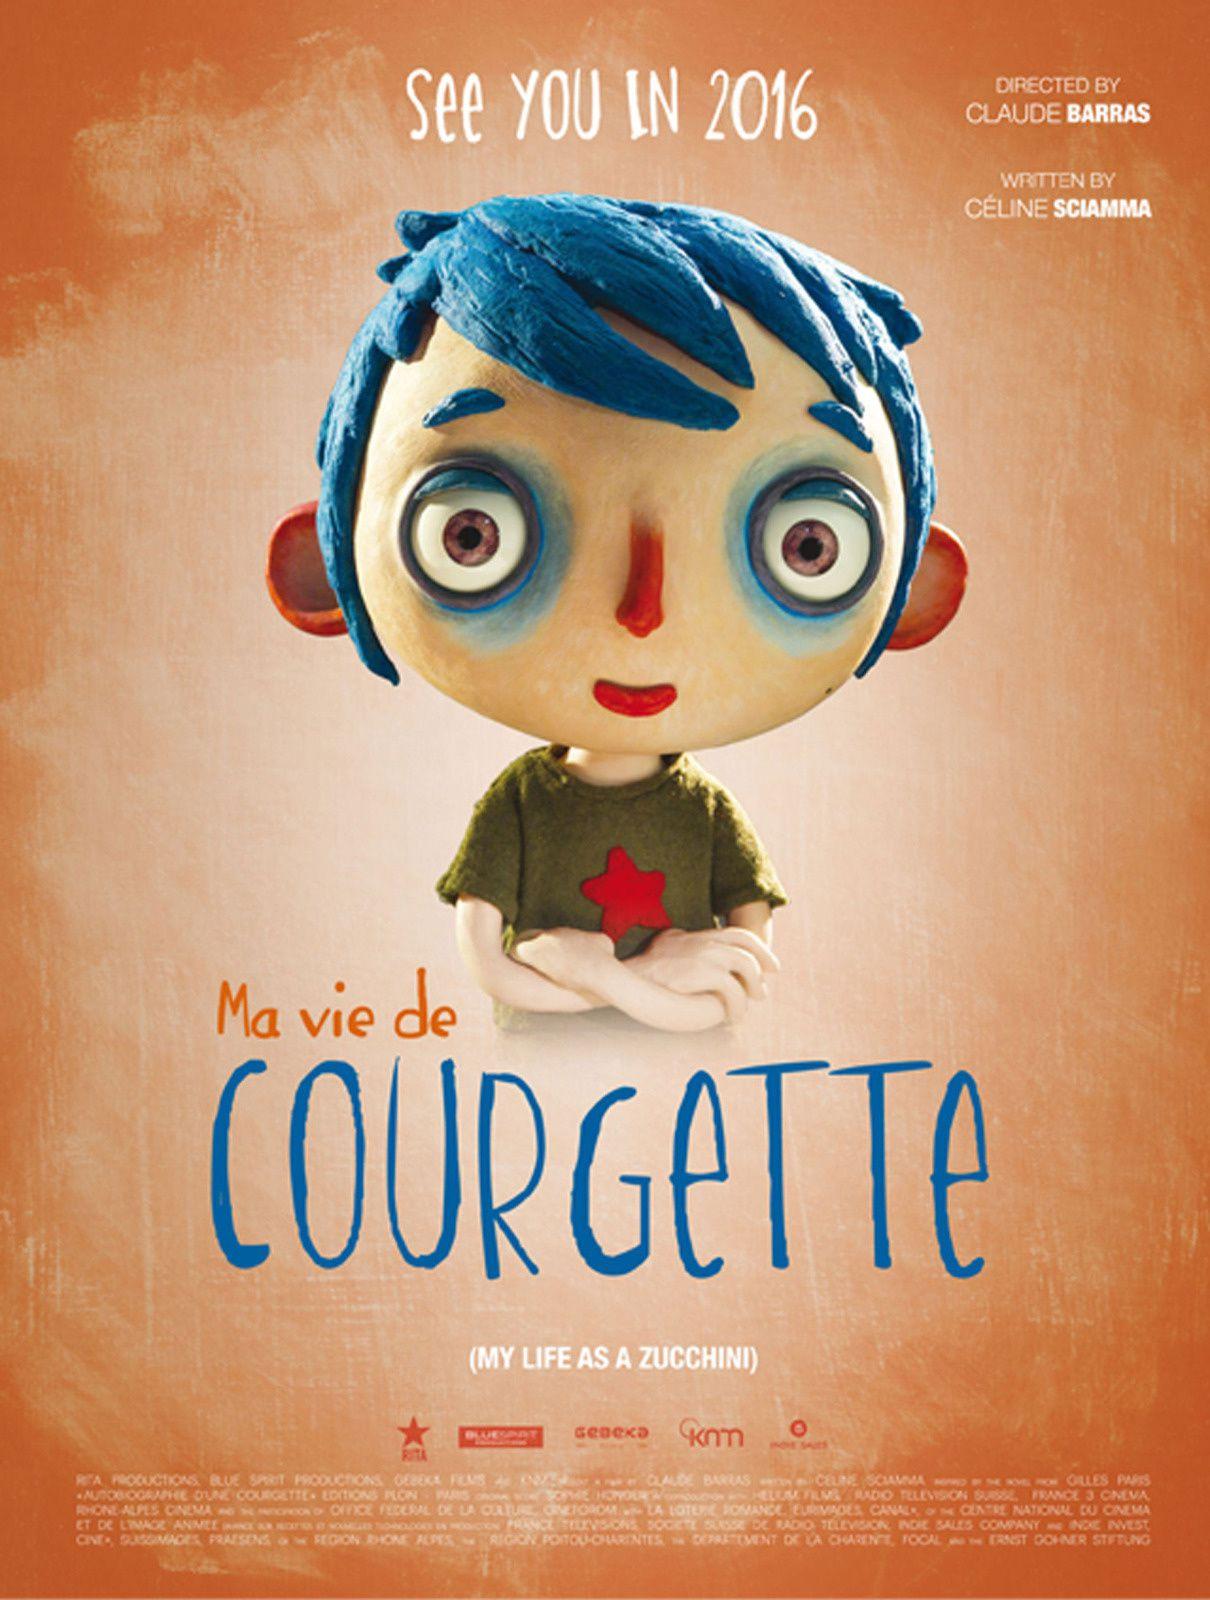 #Cinema #Oscars : Ma vie de Courgette nommé dans la catégorie film d'animation !